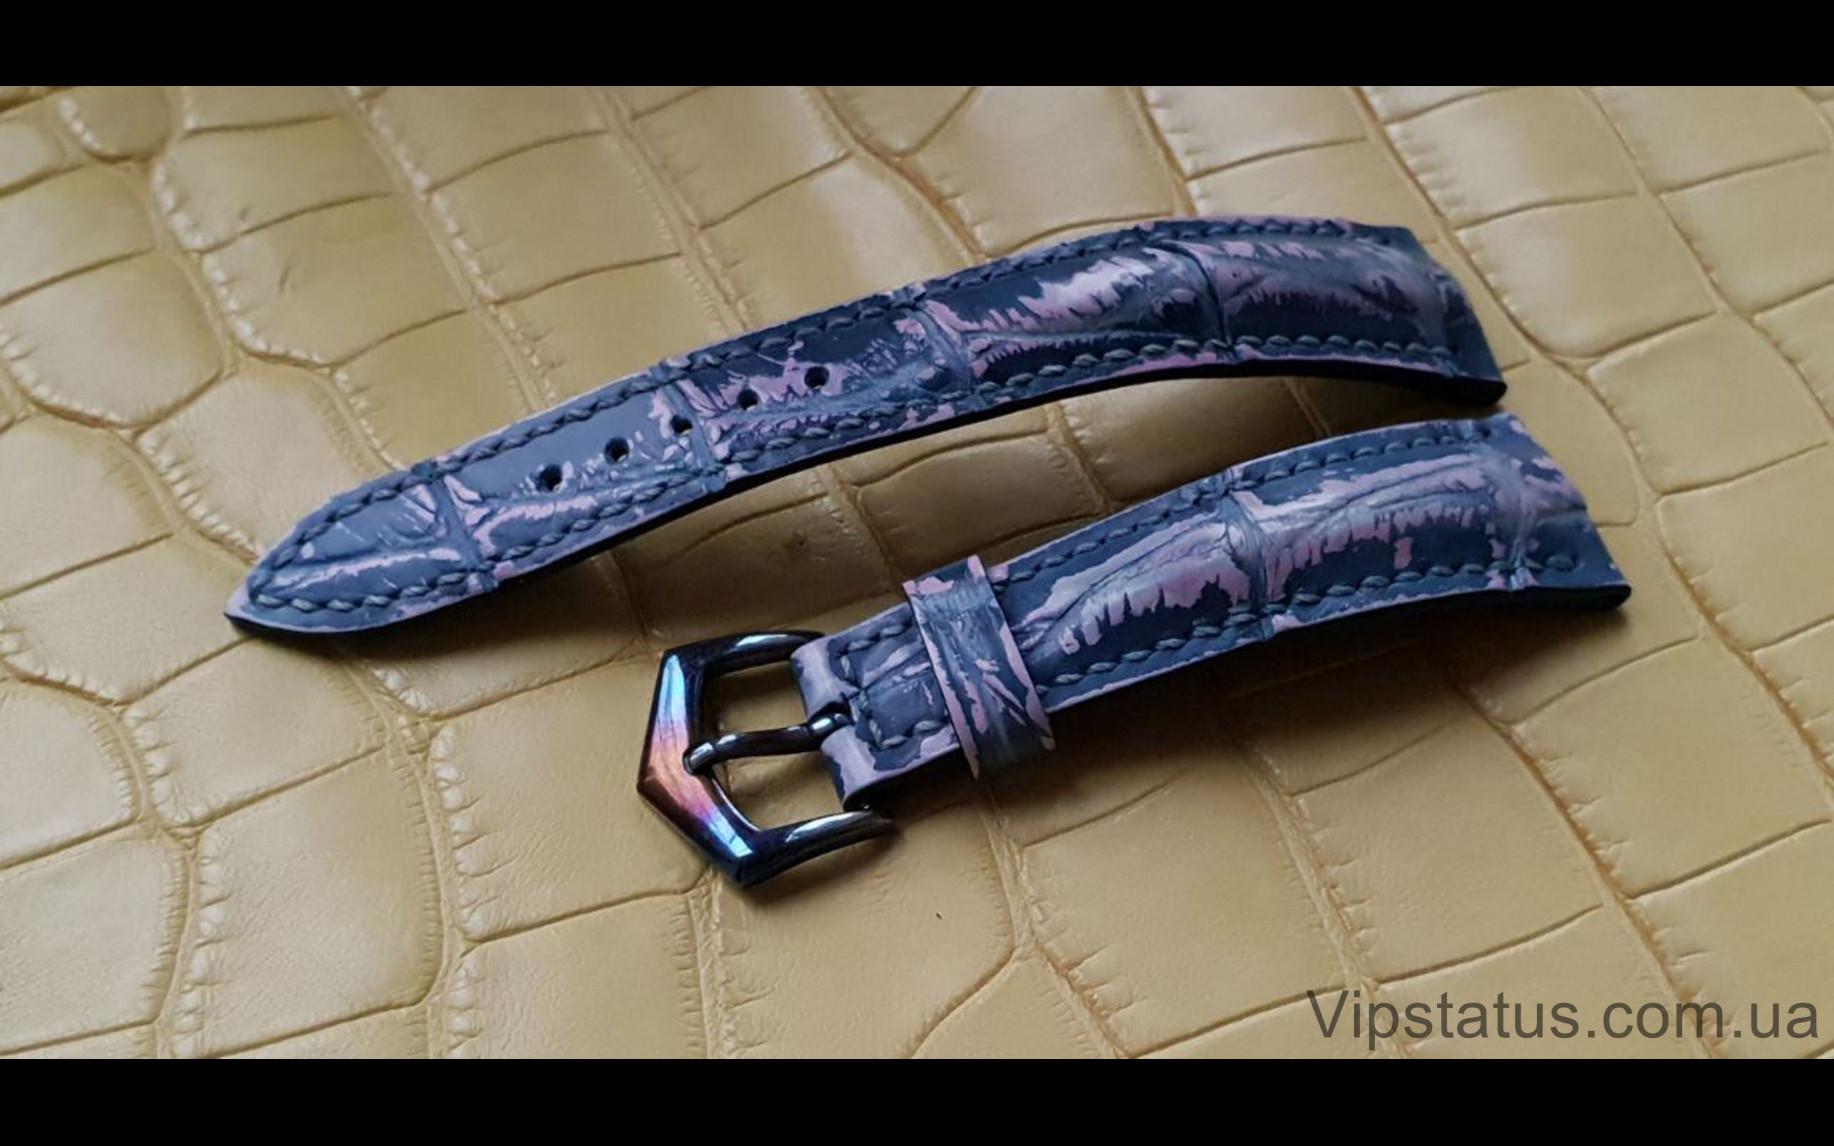 Elite Премиум ремешок для часов Jaeger LeCoultre кожа крокодила Premium Crocodile Strap for Jaeger LeCoultre watches image 2